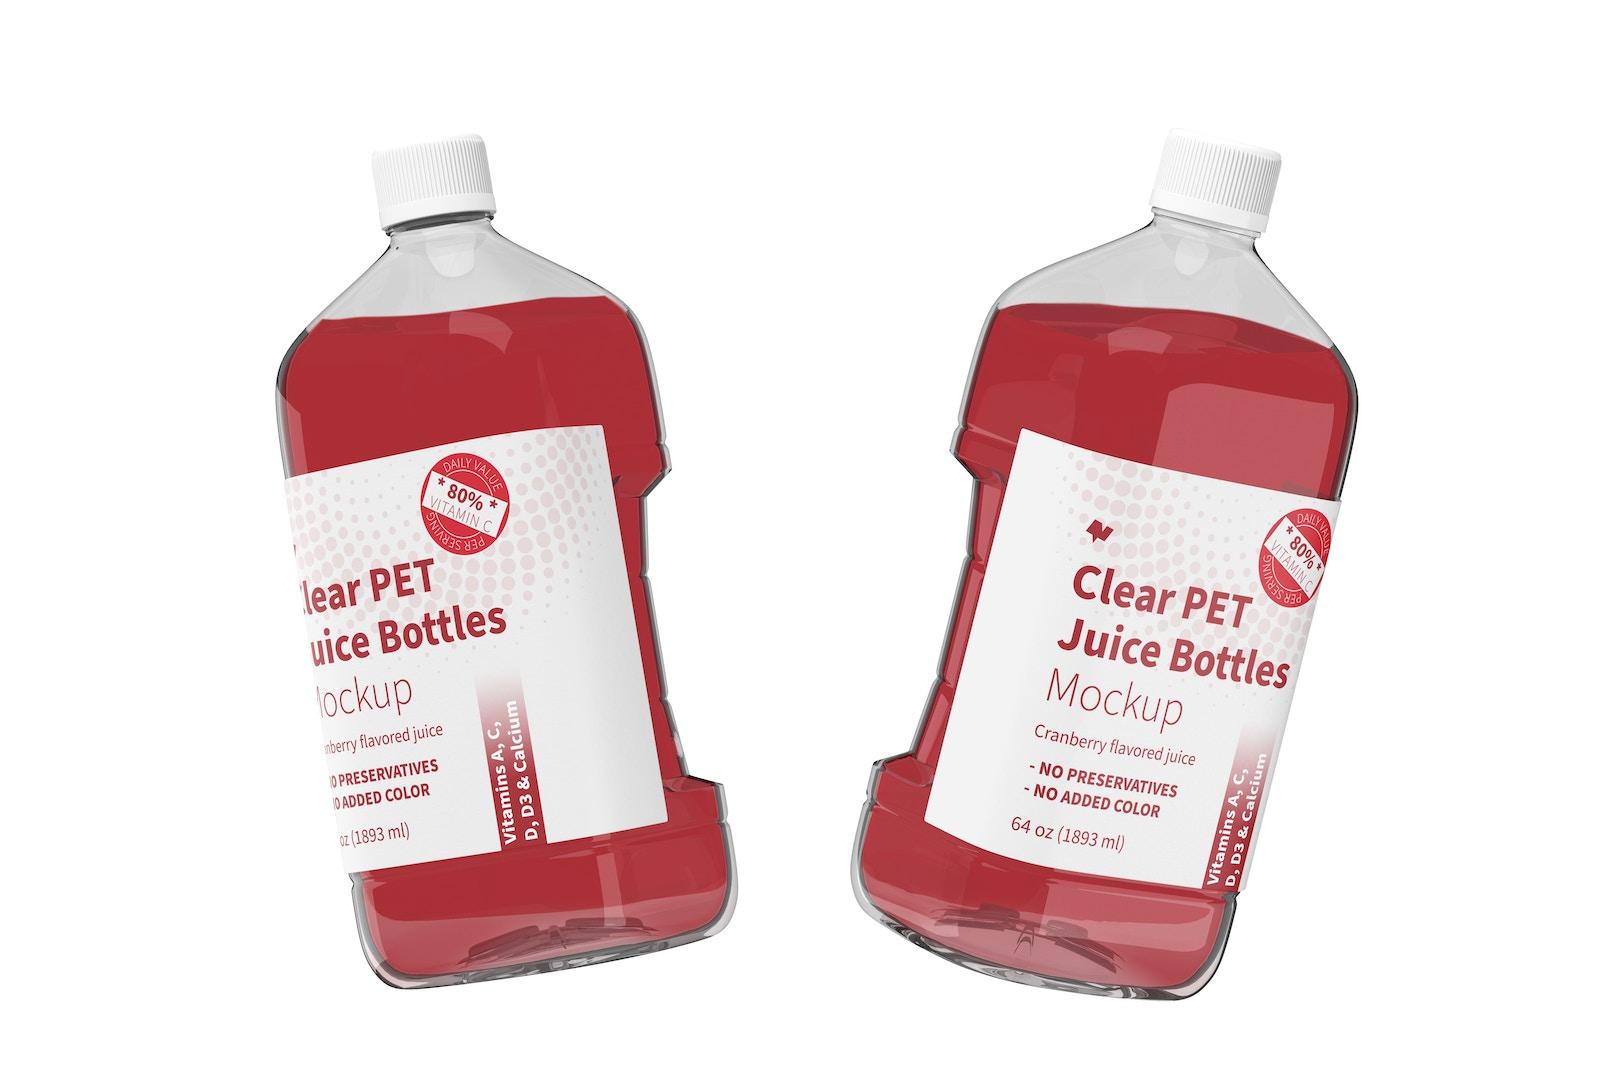 64 oz Clear PET Juice Bottles Mockup, Floating